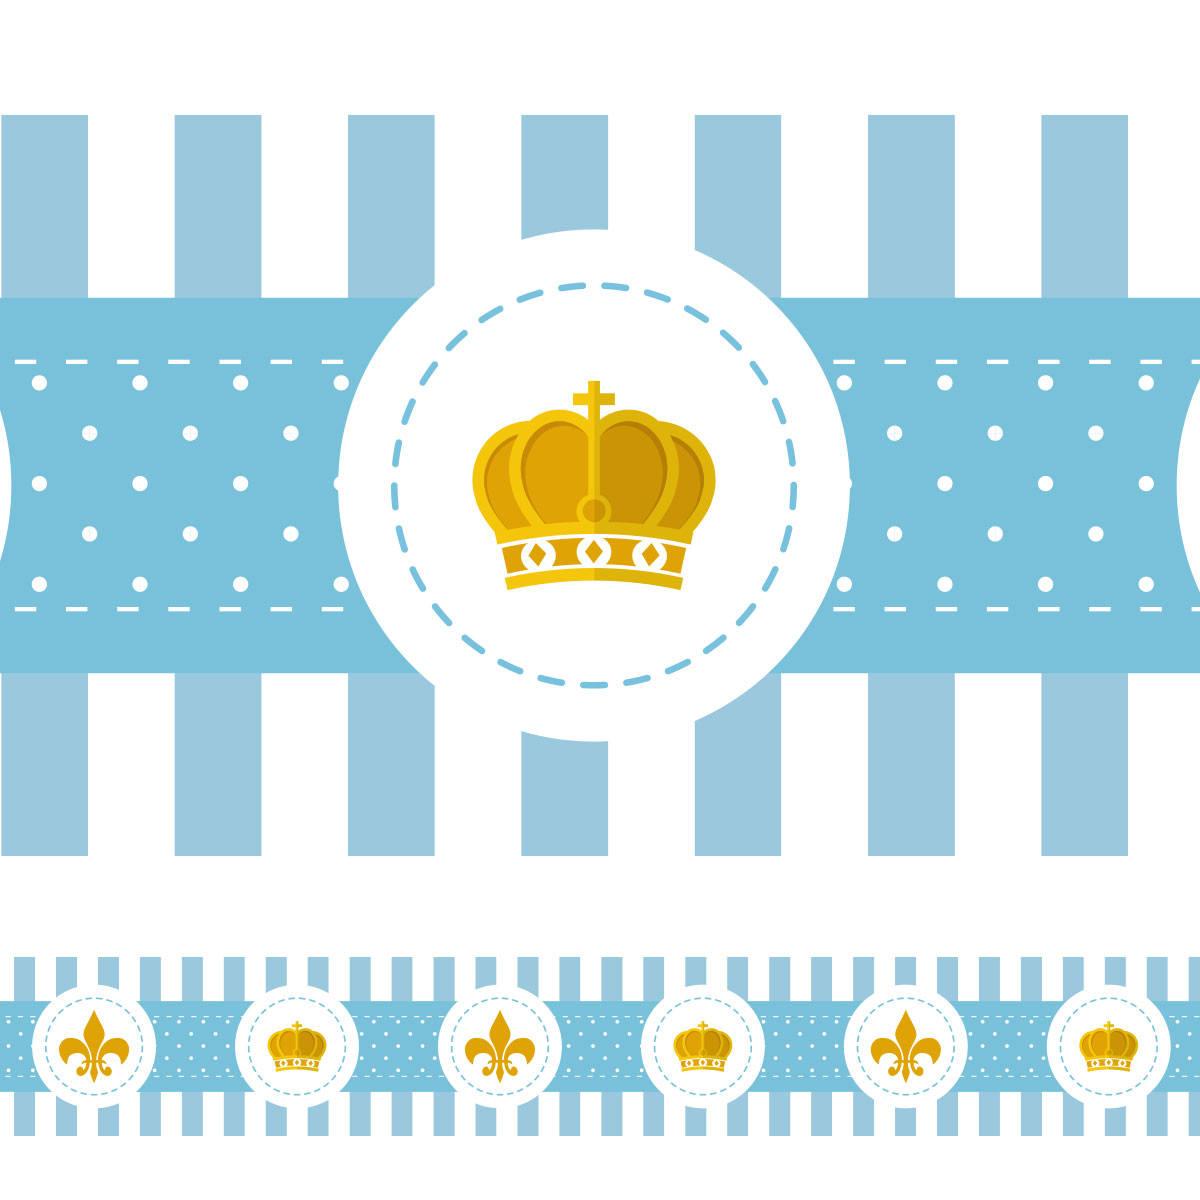 Faixa Decorativa Coroa e Flor de Lis - Azul